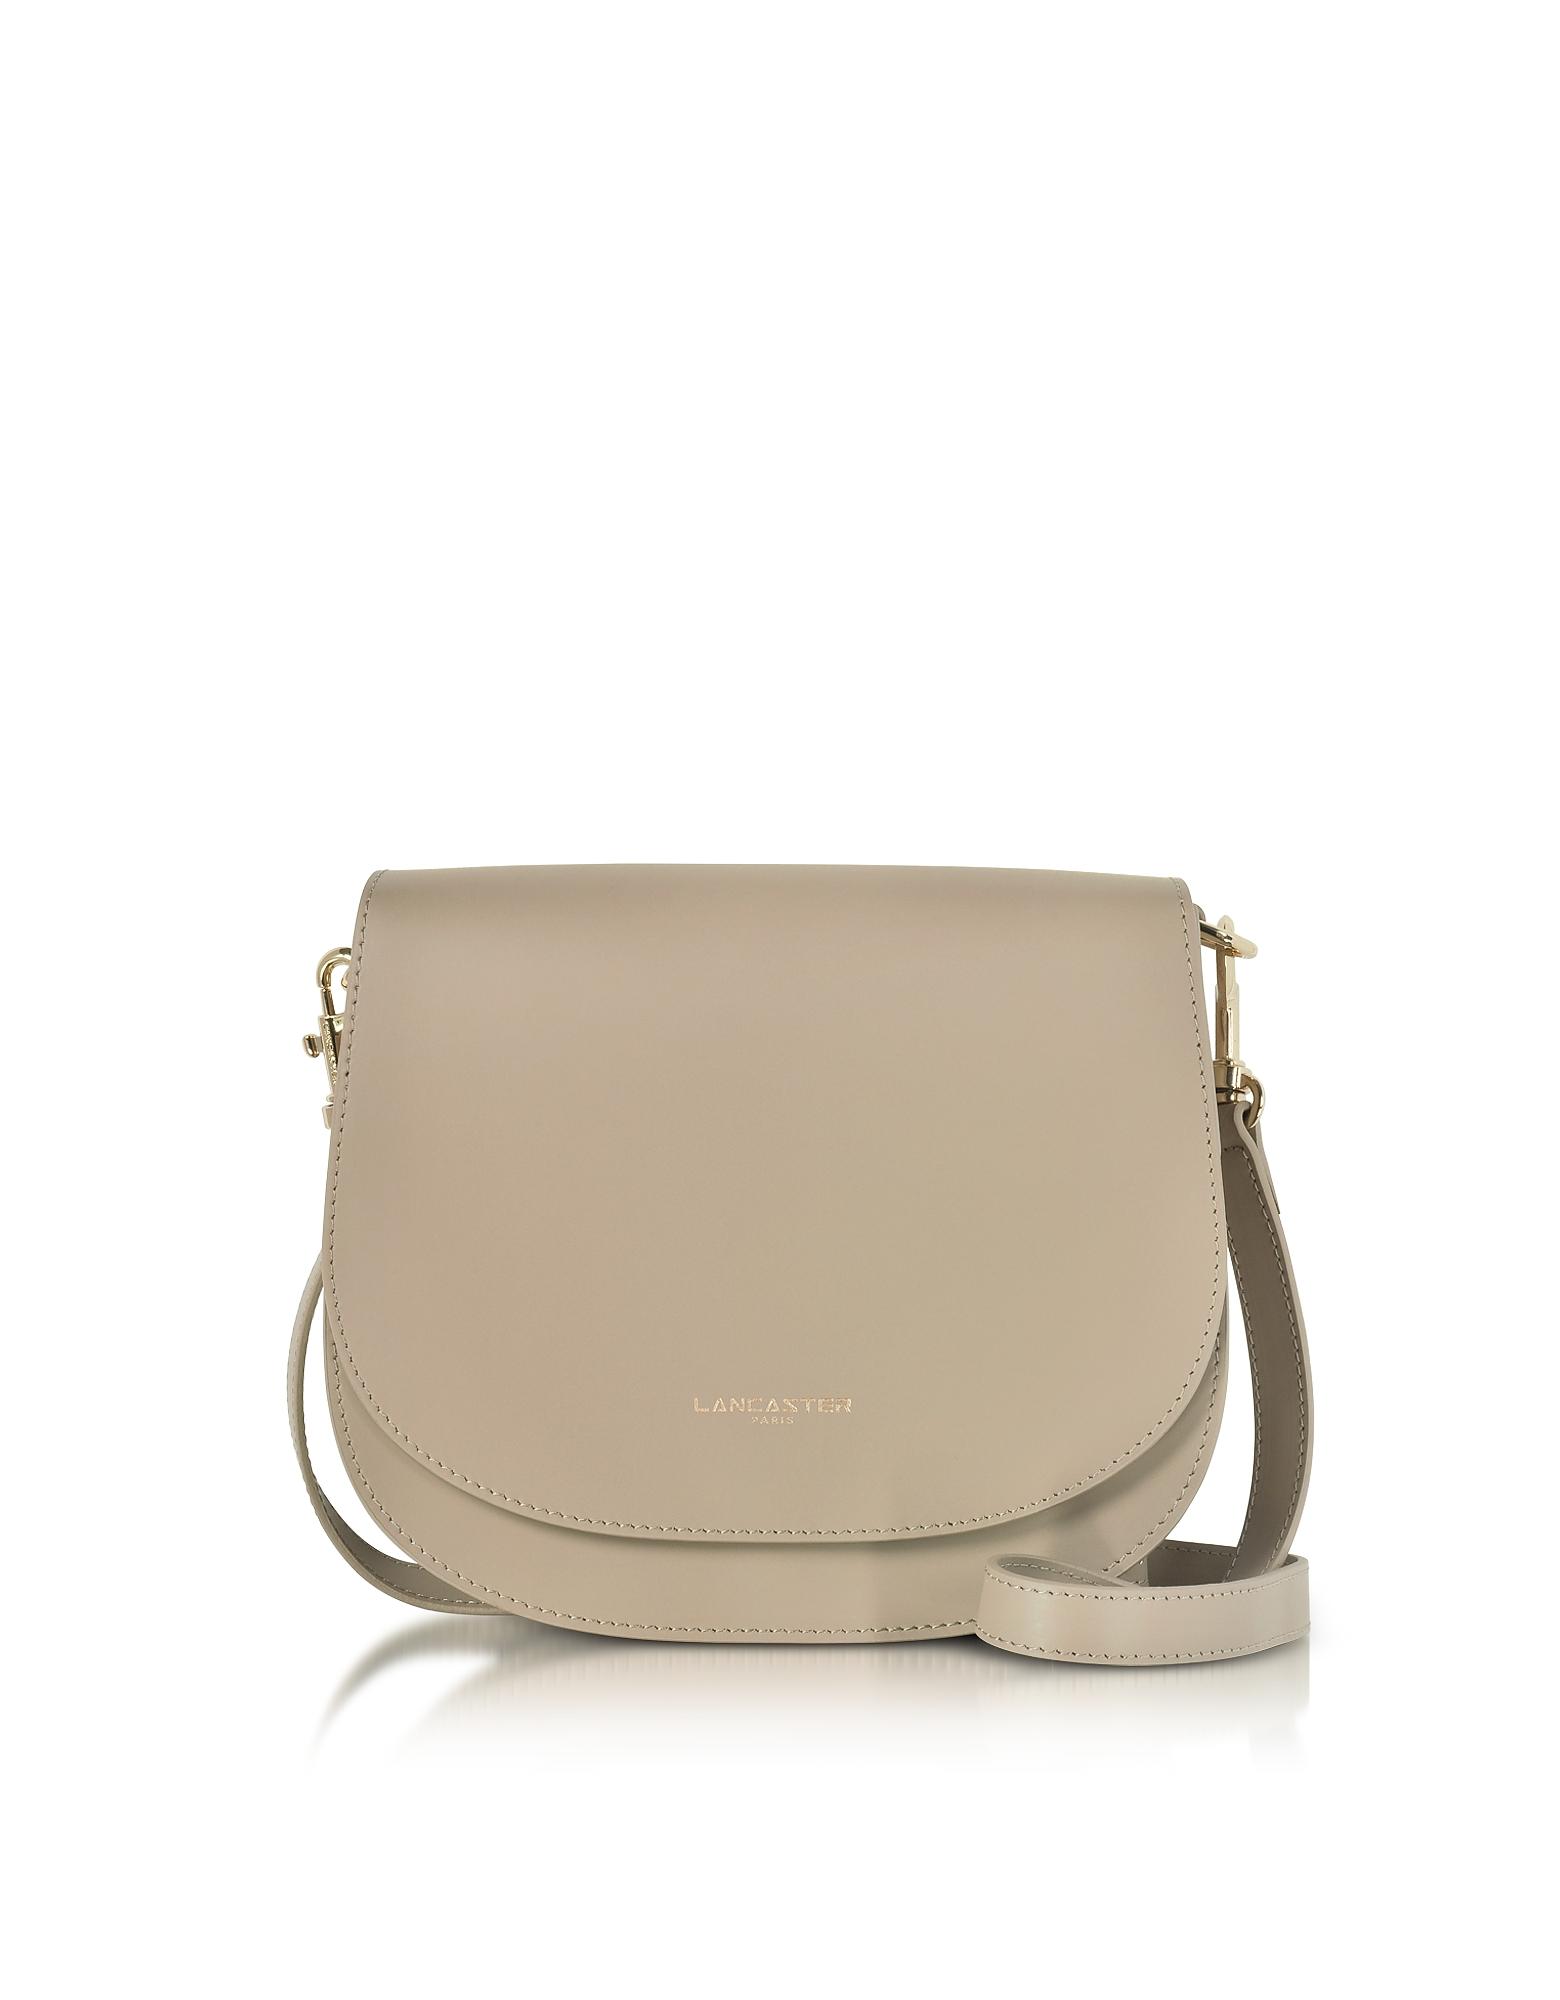 Lancaster Paris Handbags, Camelia Leather Crossbody Bag